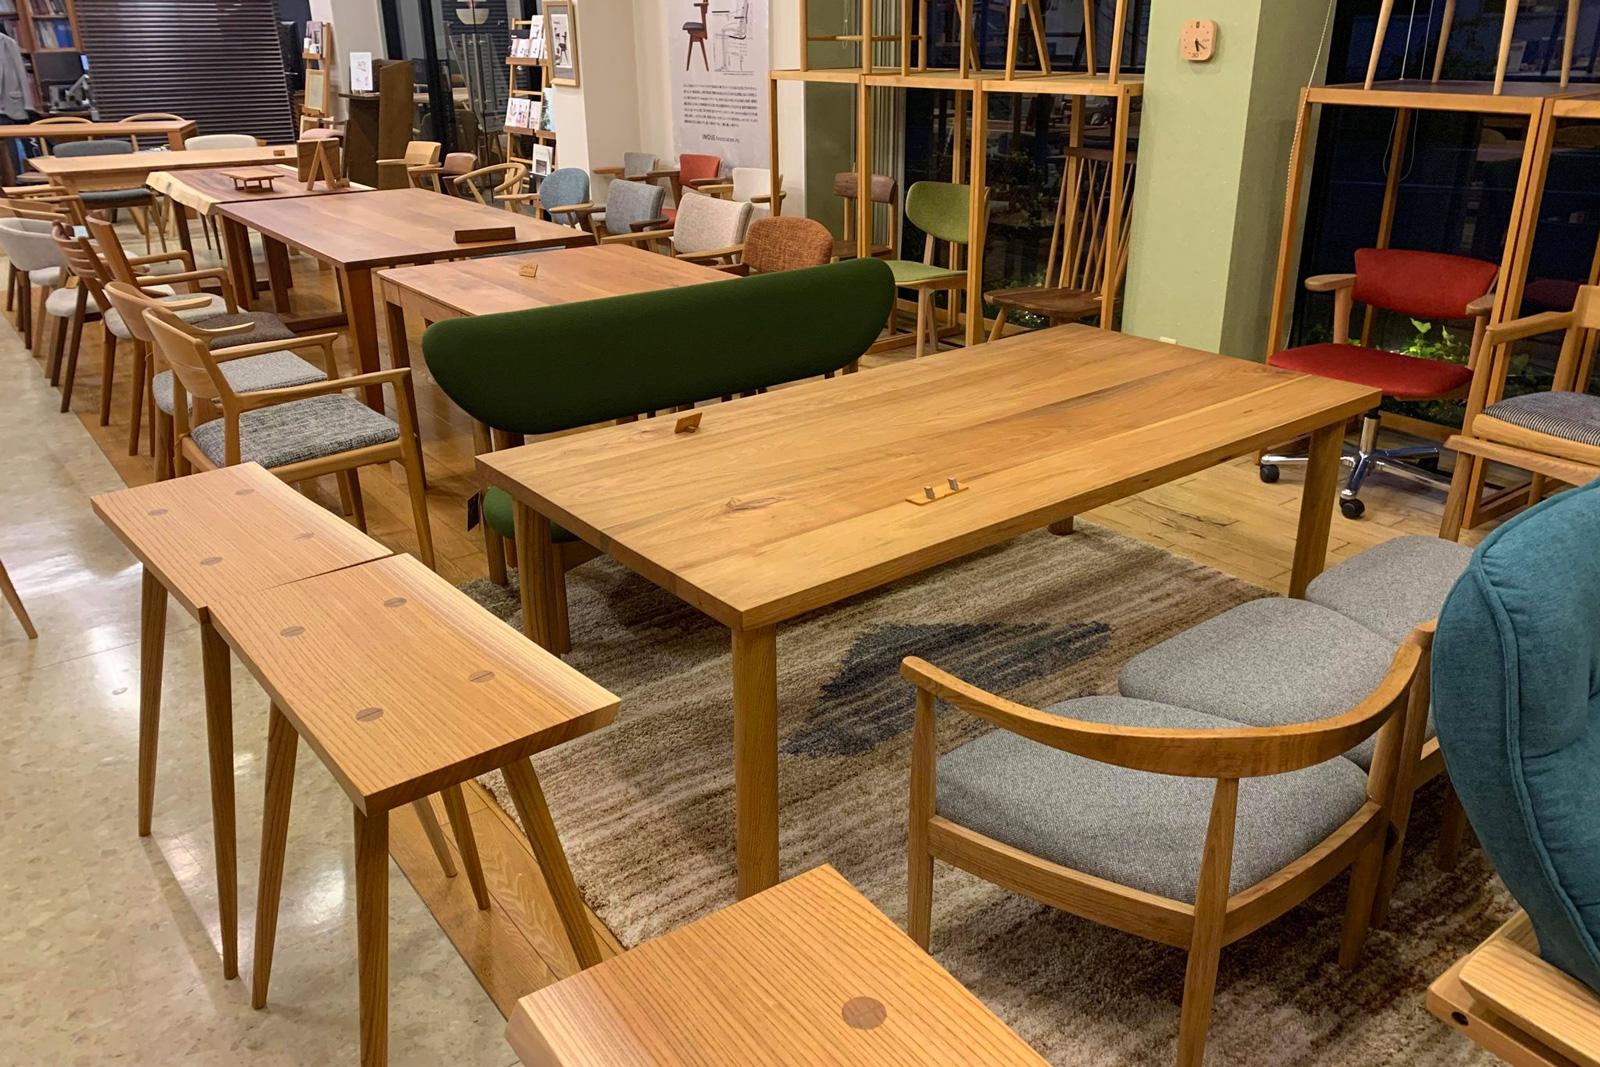 アメニティーショップアイ「木の椅子展」